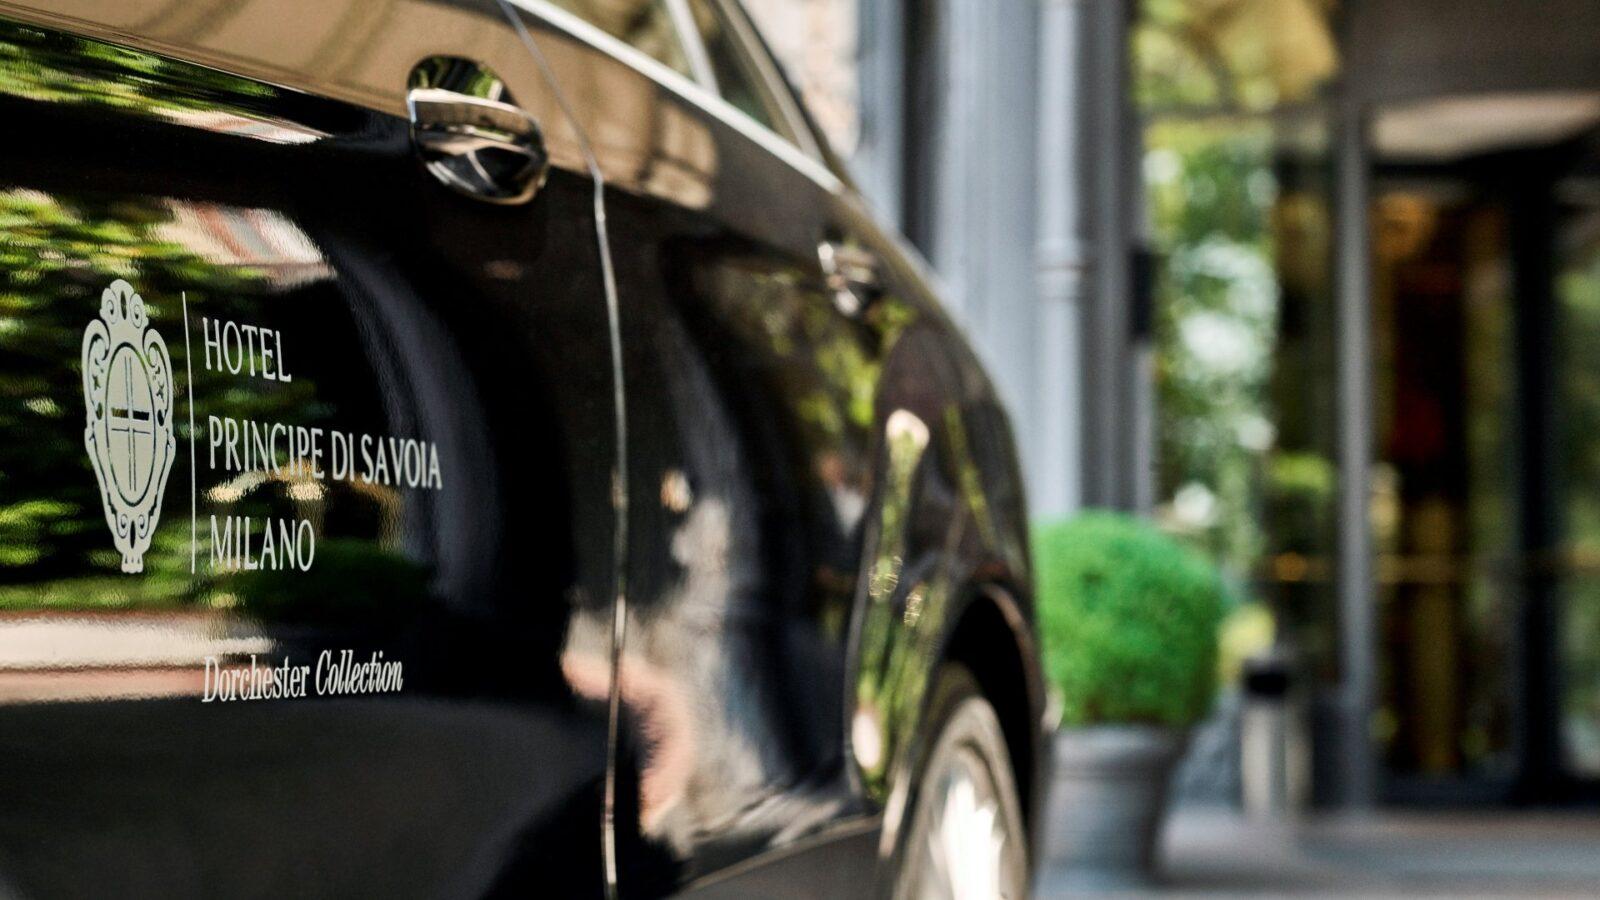 Hotel Principe di Savoia_Limousine